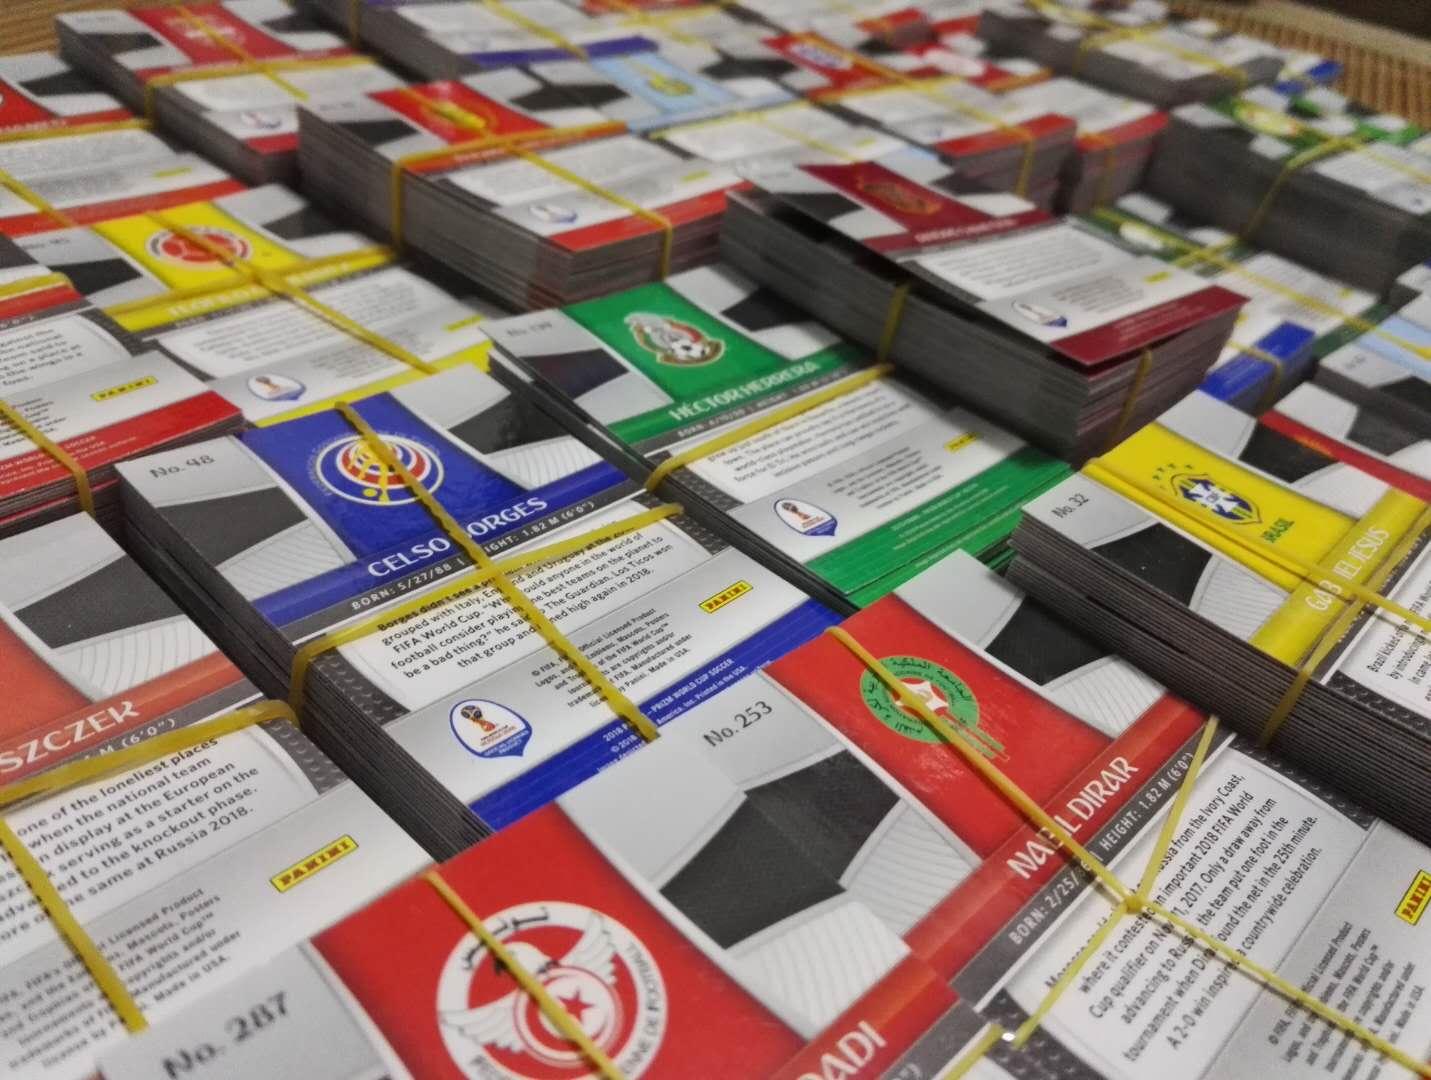 【独尊小店】panini  2018 世界杯 299张 少80号姆巴佩 普卡套  巨星  (小全套) 具有收藏价值   梅西C罗内马尔苏牙格子厄齐尔阿扎尔等